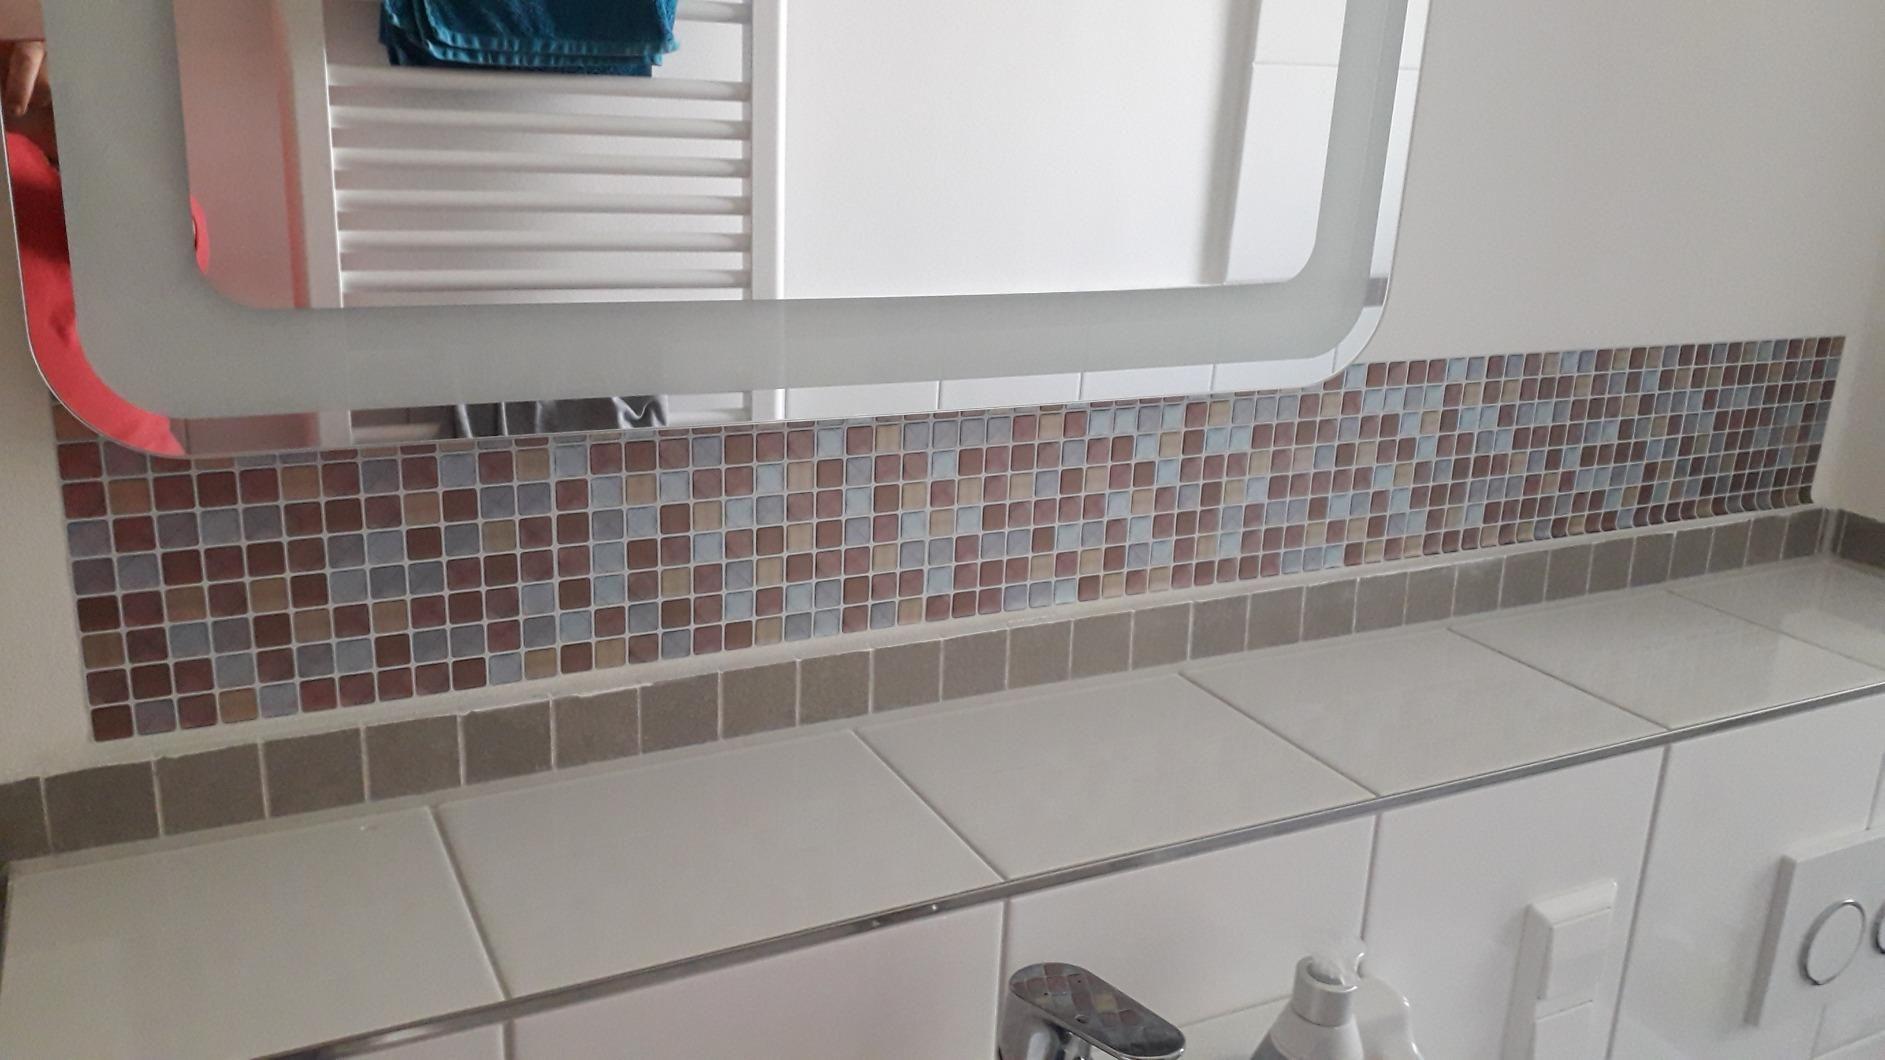 Yoillione 3d Fliesenaufkleber Mosaik Bad Fliesenfolie Kuche Selbstklebende 3d Mosaik Fliesen Sticker Braun Wasserdicht Fliesen Sticker Fliesenfolie 3d Fliesen